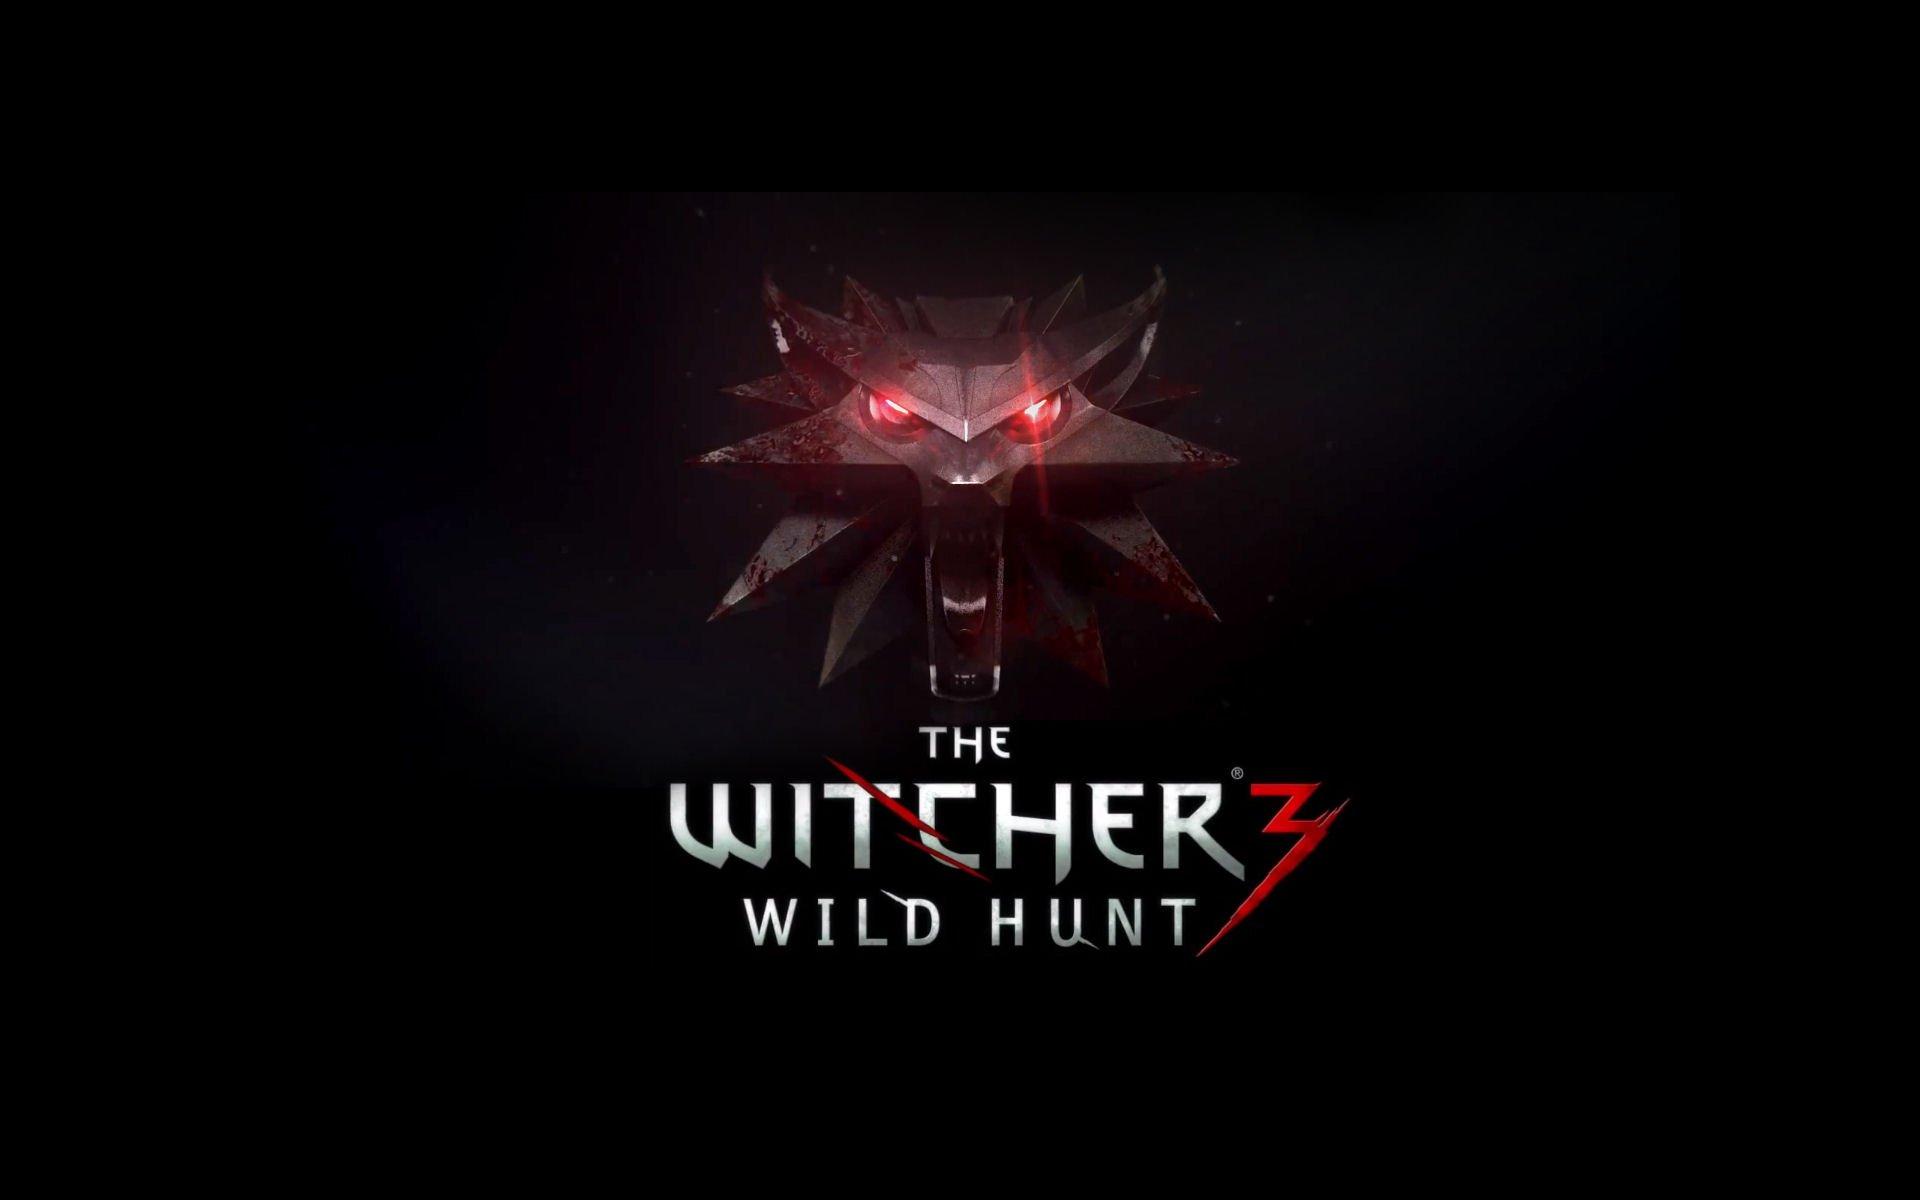 Новые подробности локализации The Witcher 3: Wild Hunt. Примеры озвучивания.. - Изображение 1